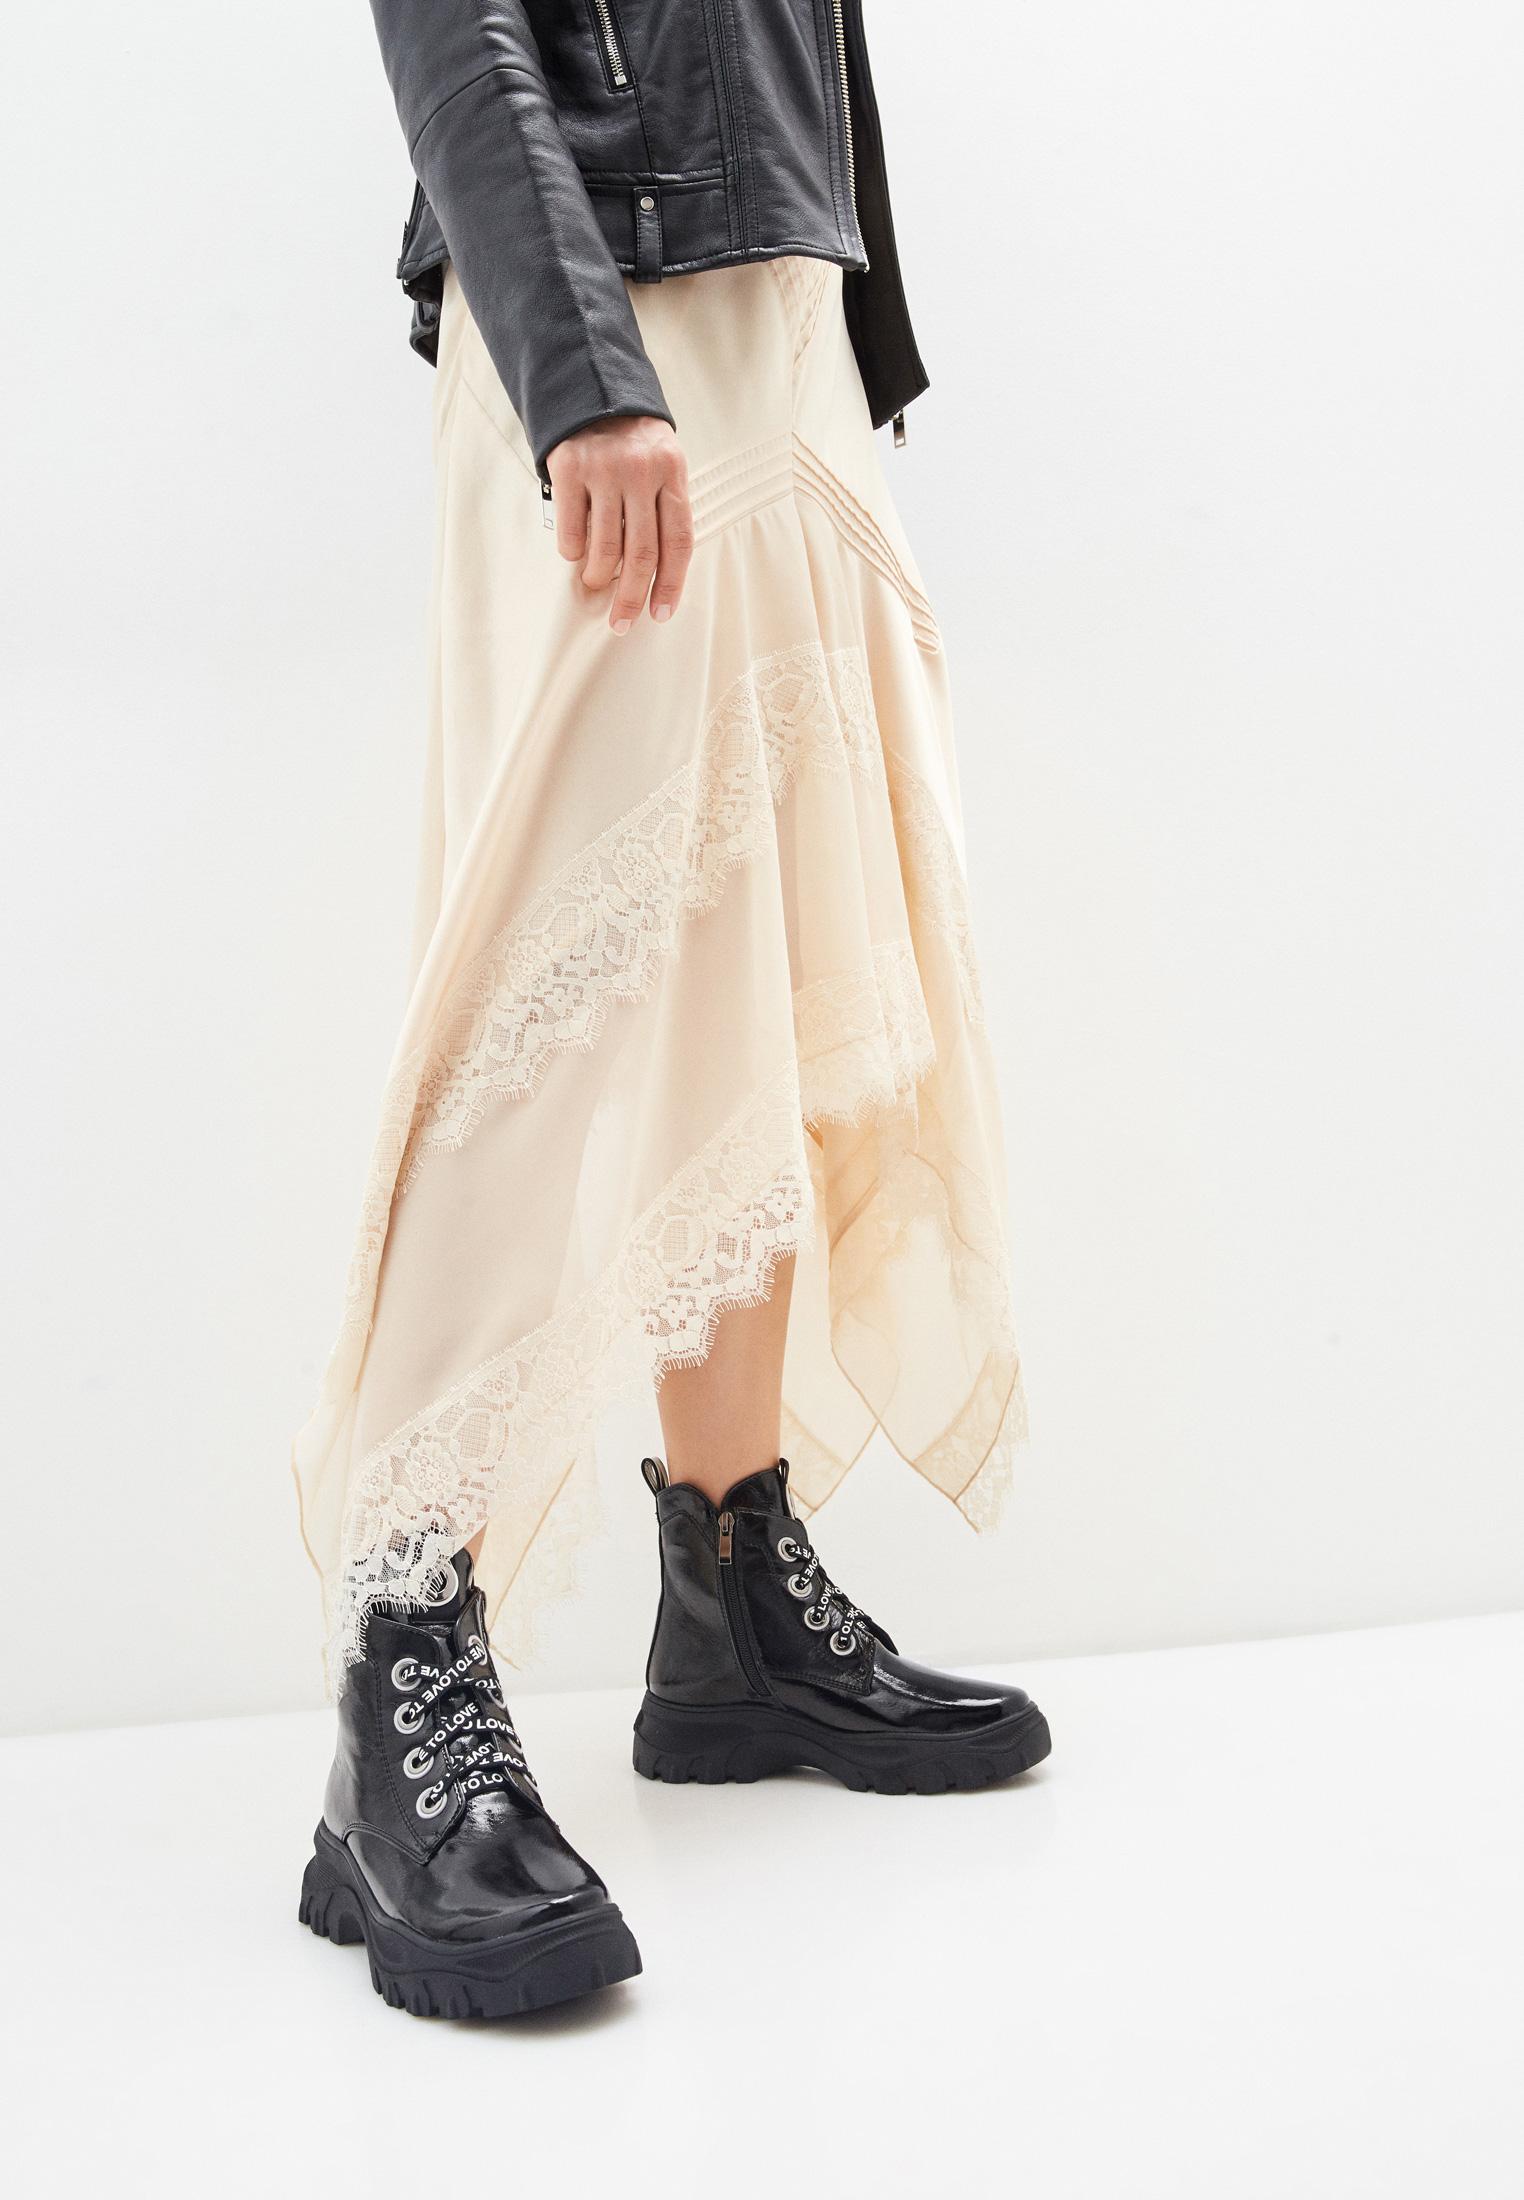 Женские ботинки Diora.rim 20-3008-4/